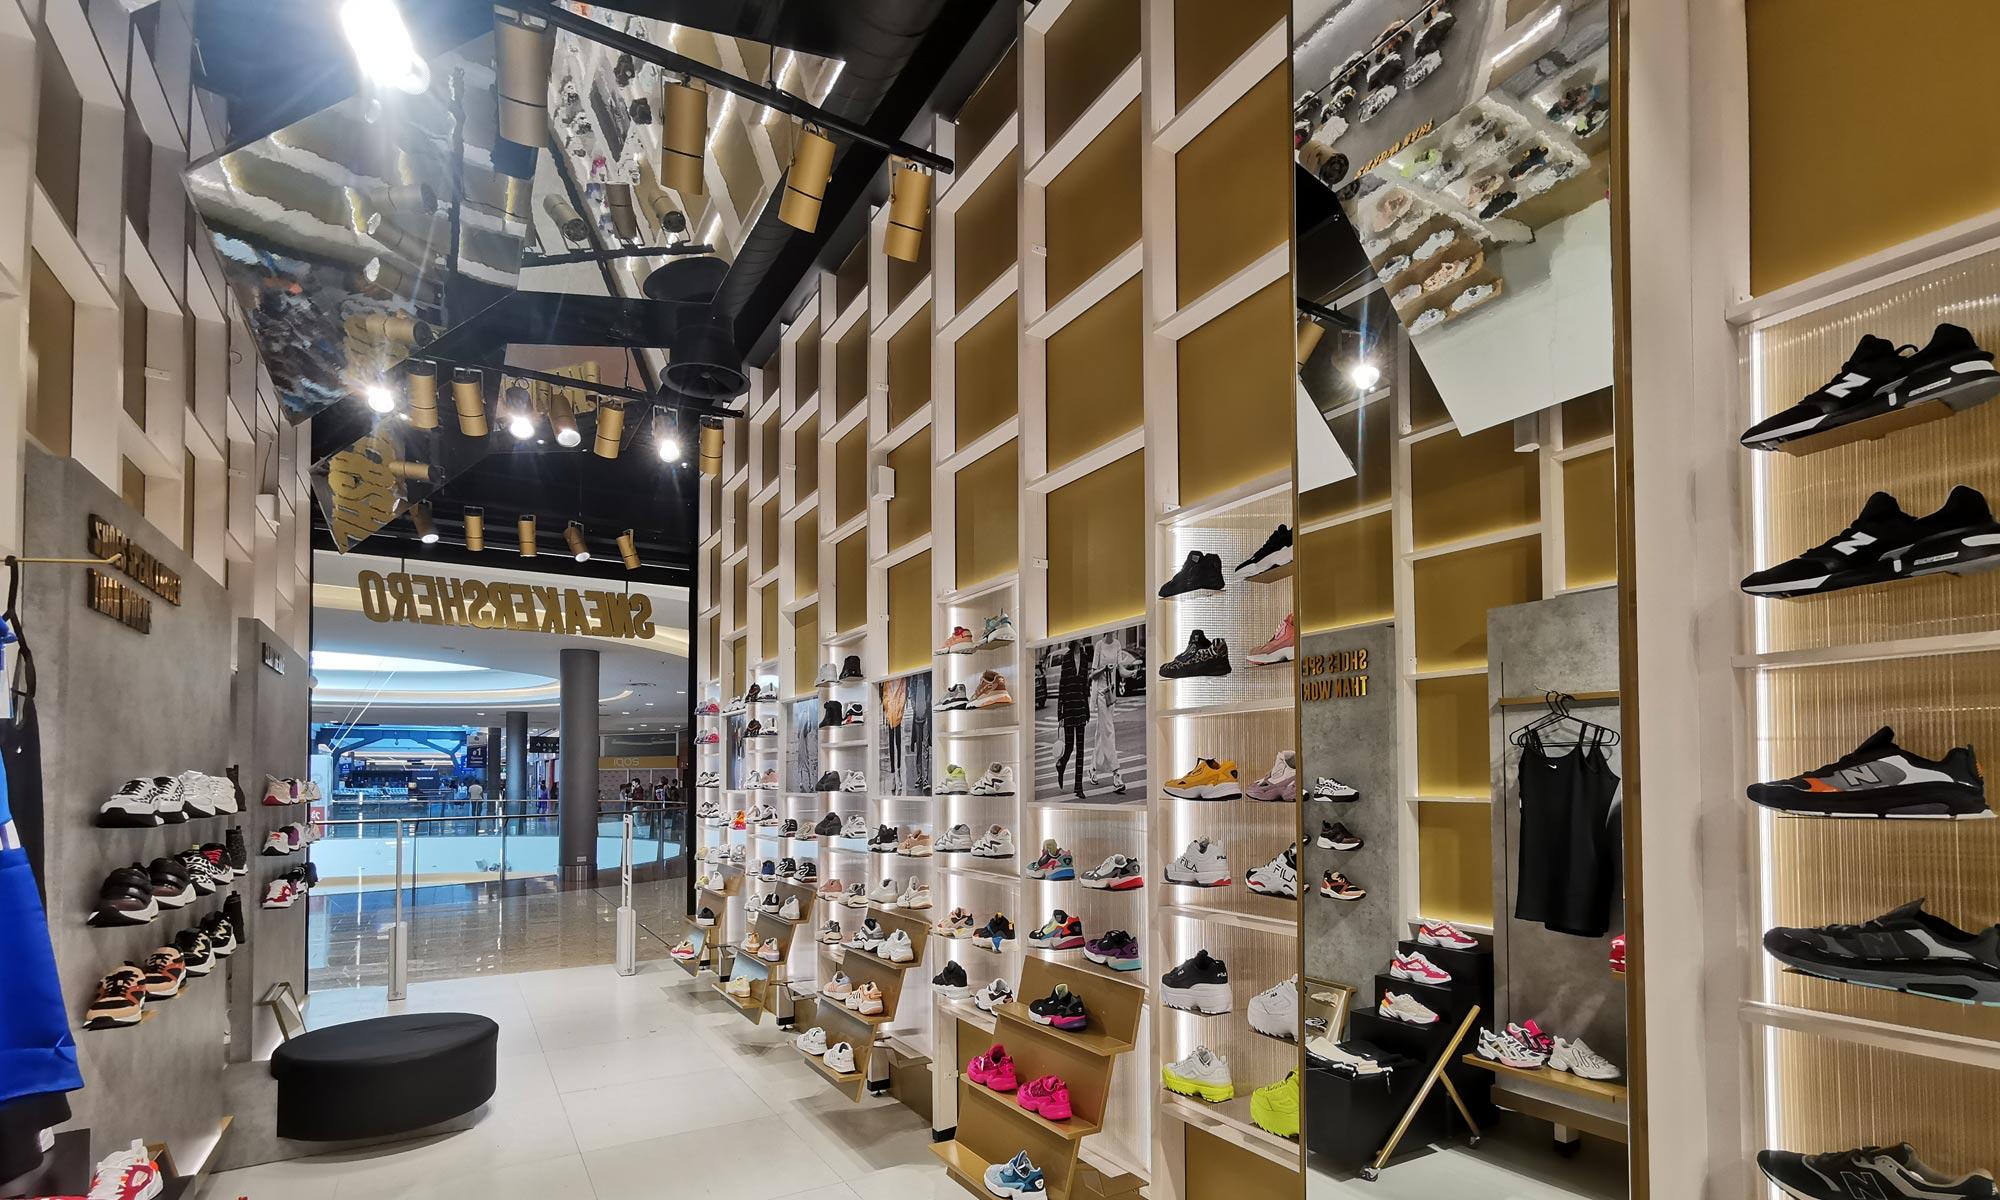 https://www.atelierzoz.com/wp-content/uploads/2020/03/works_atelierzoz_sneakershero-nicosia-1.jpg